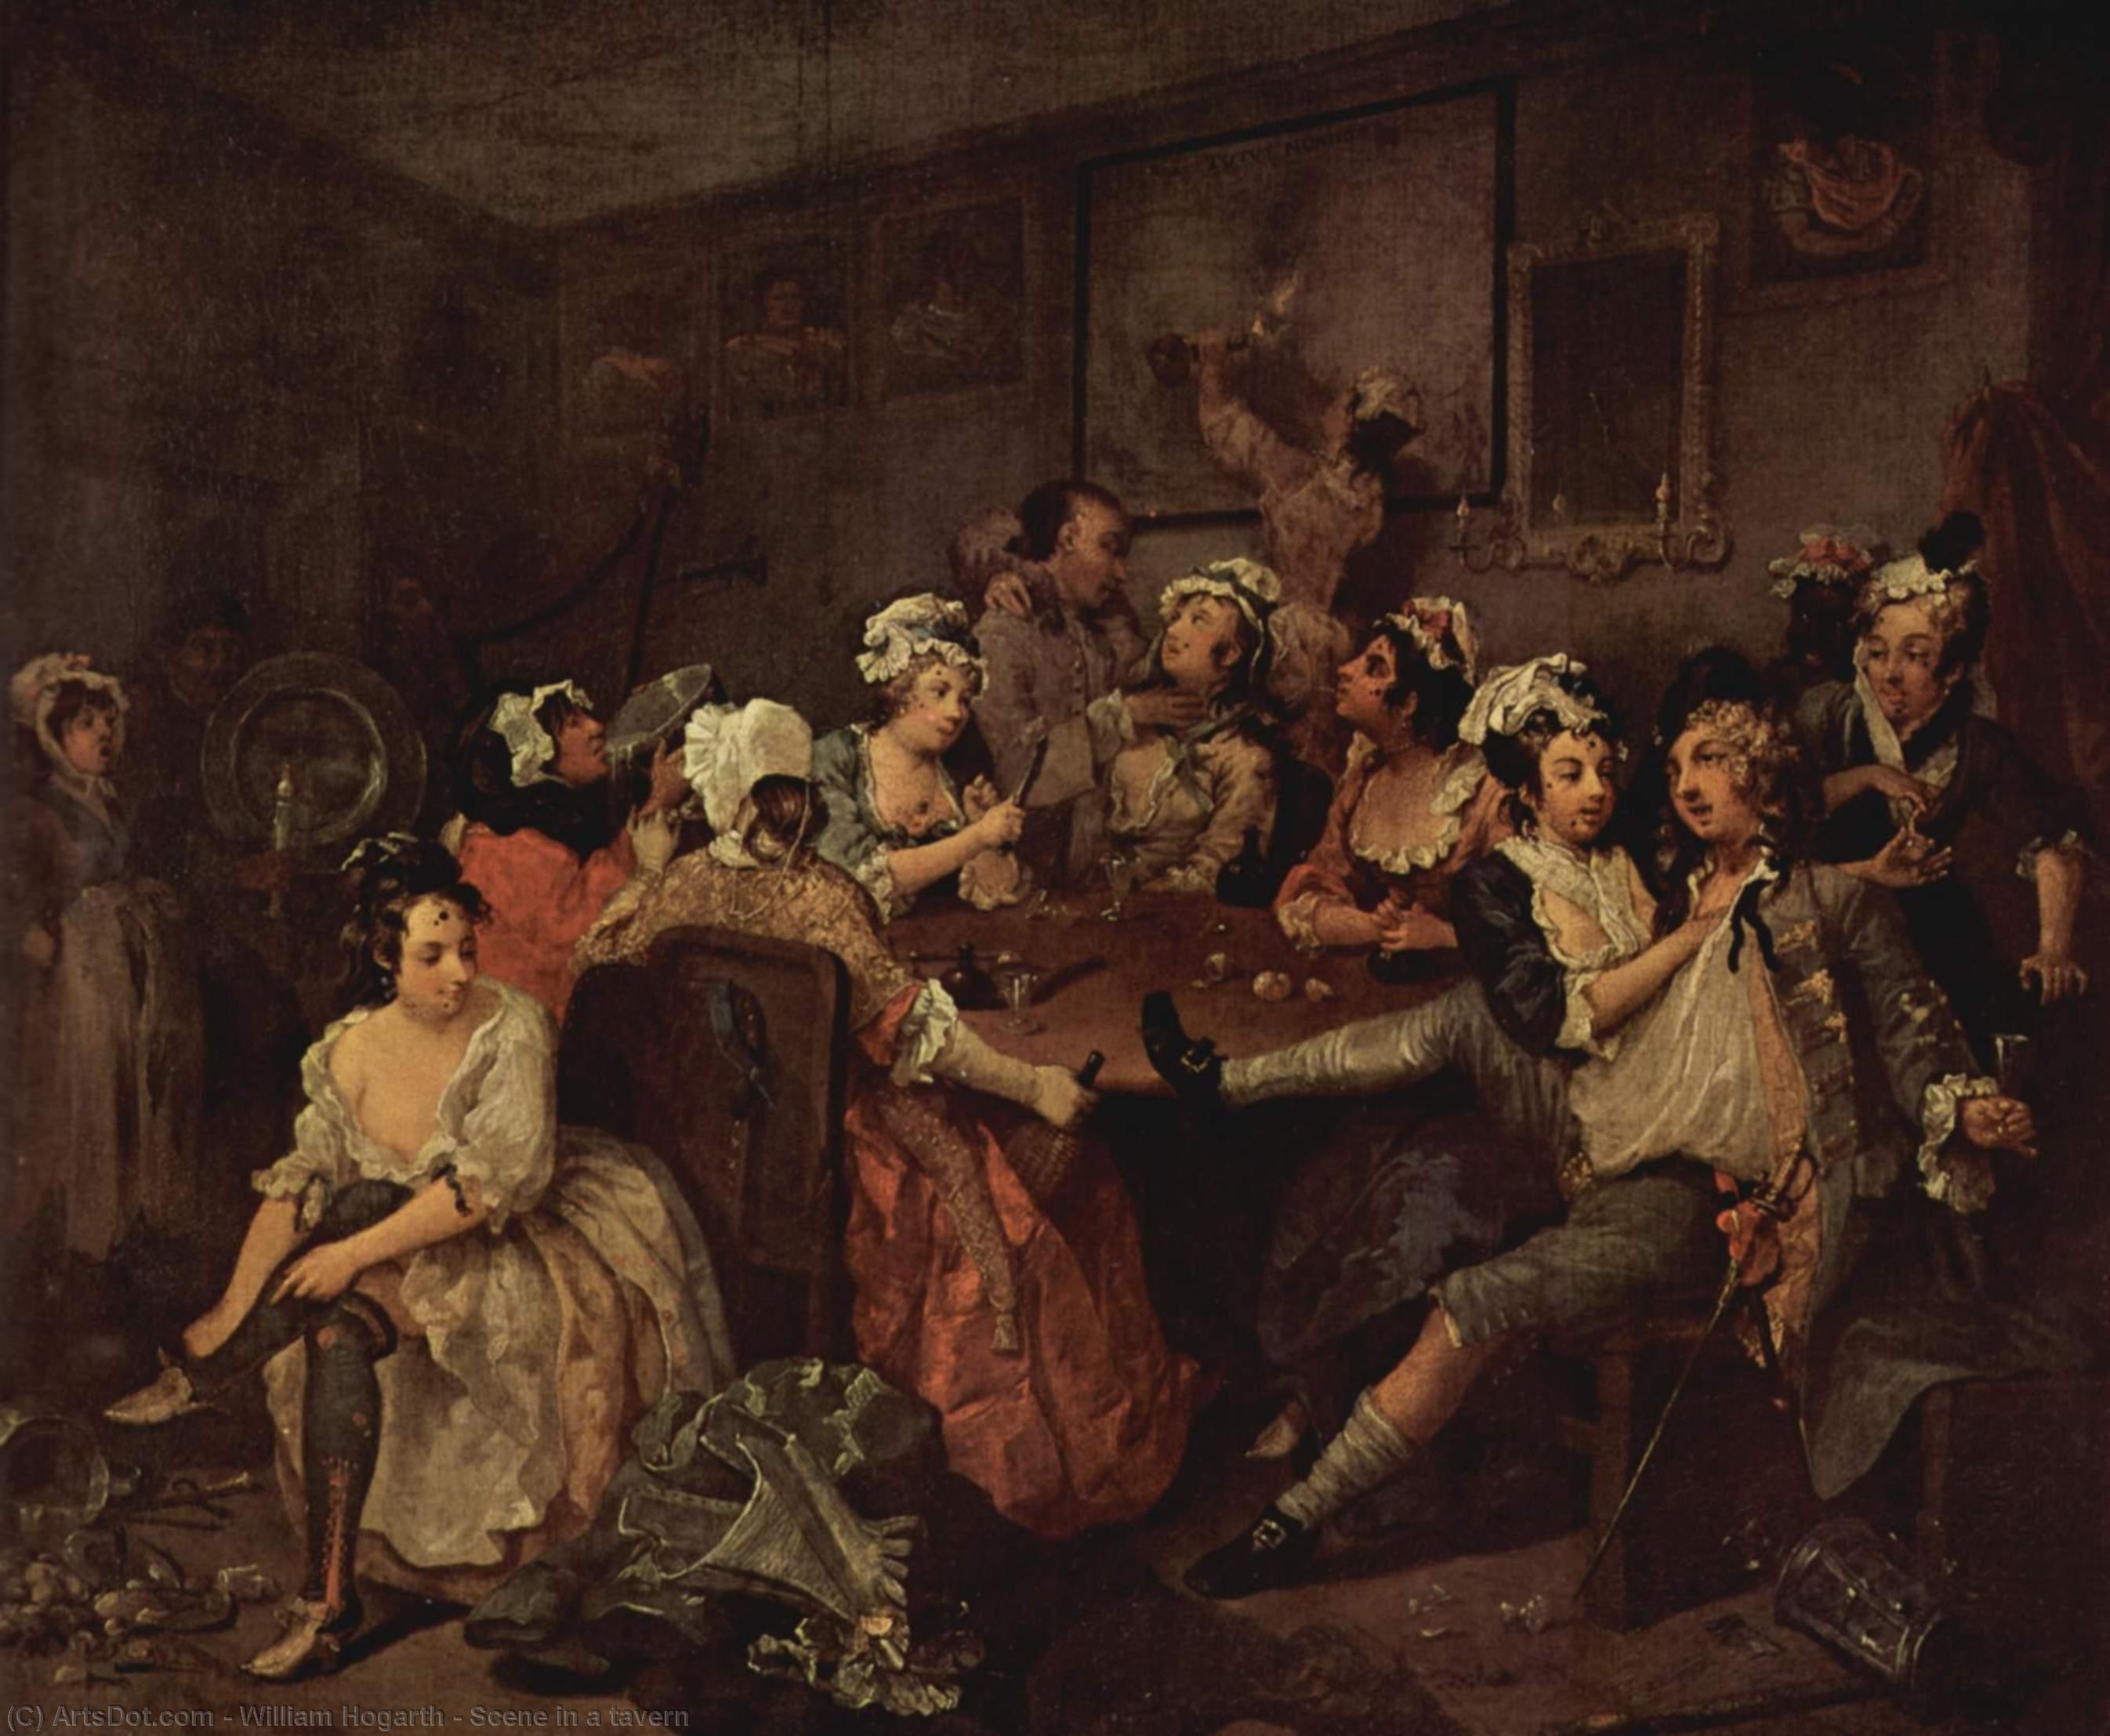 WikiOO.org - Enciklopedija dailės - Tapyba, meno kuriniai William Hogarth - Scene in a tavern